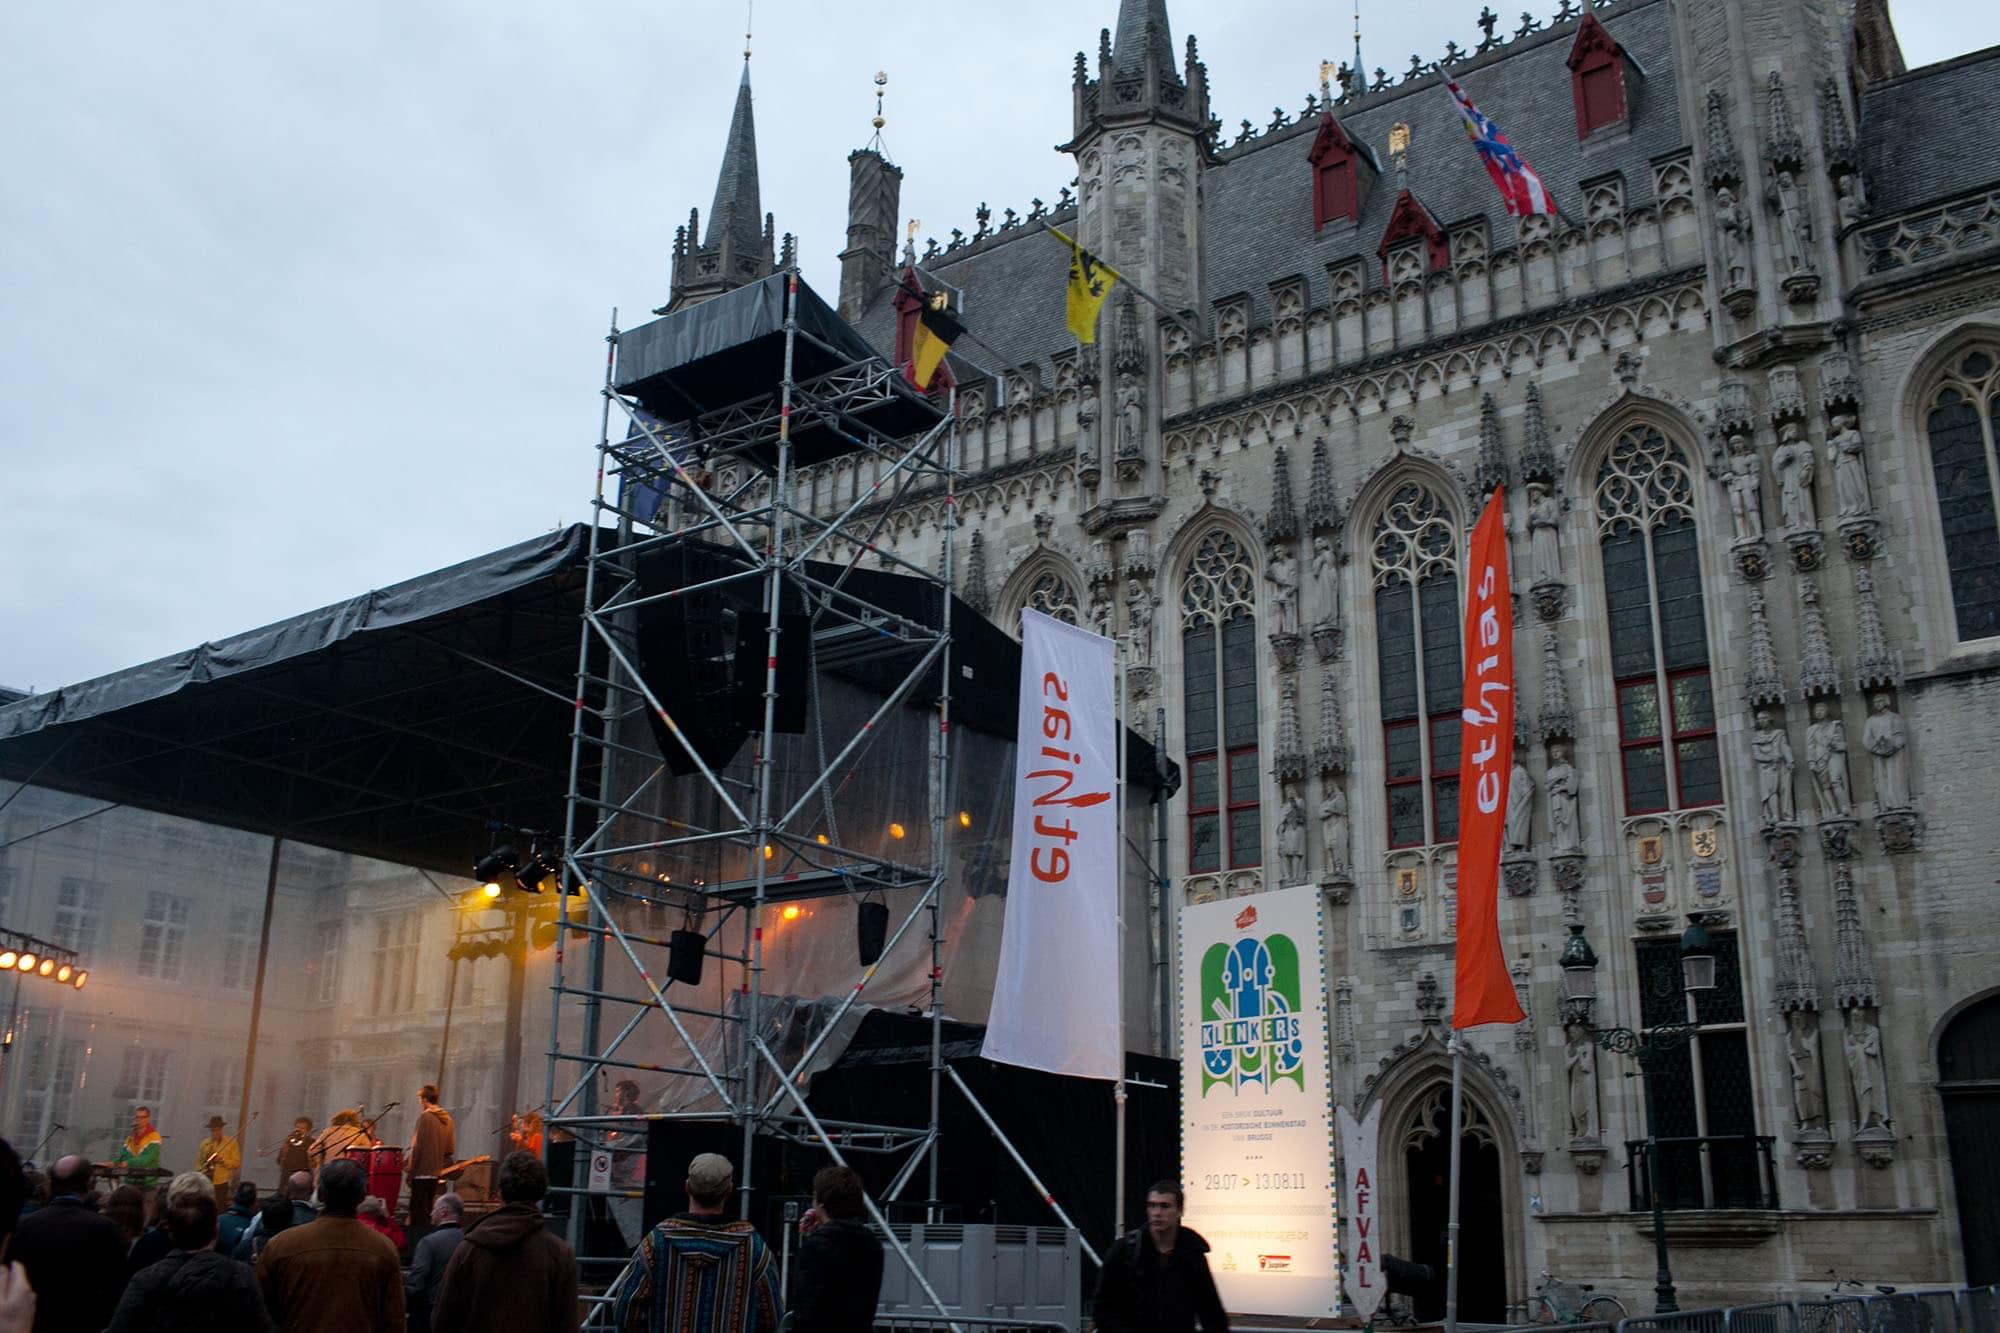 Reggae concert in Bruges, Belgium